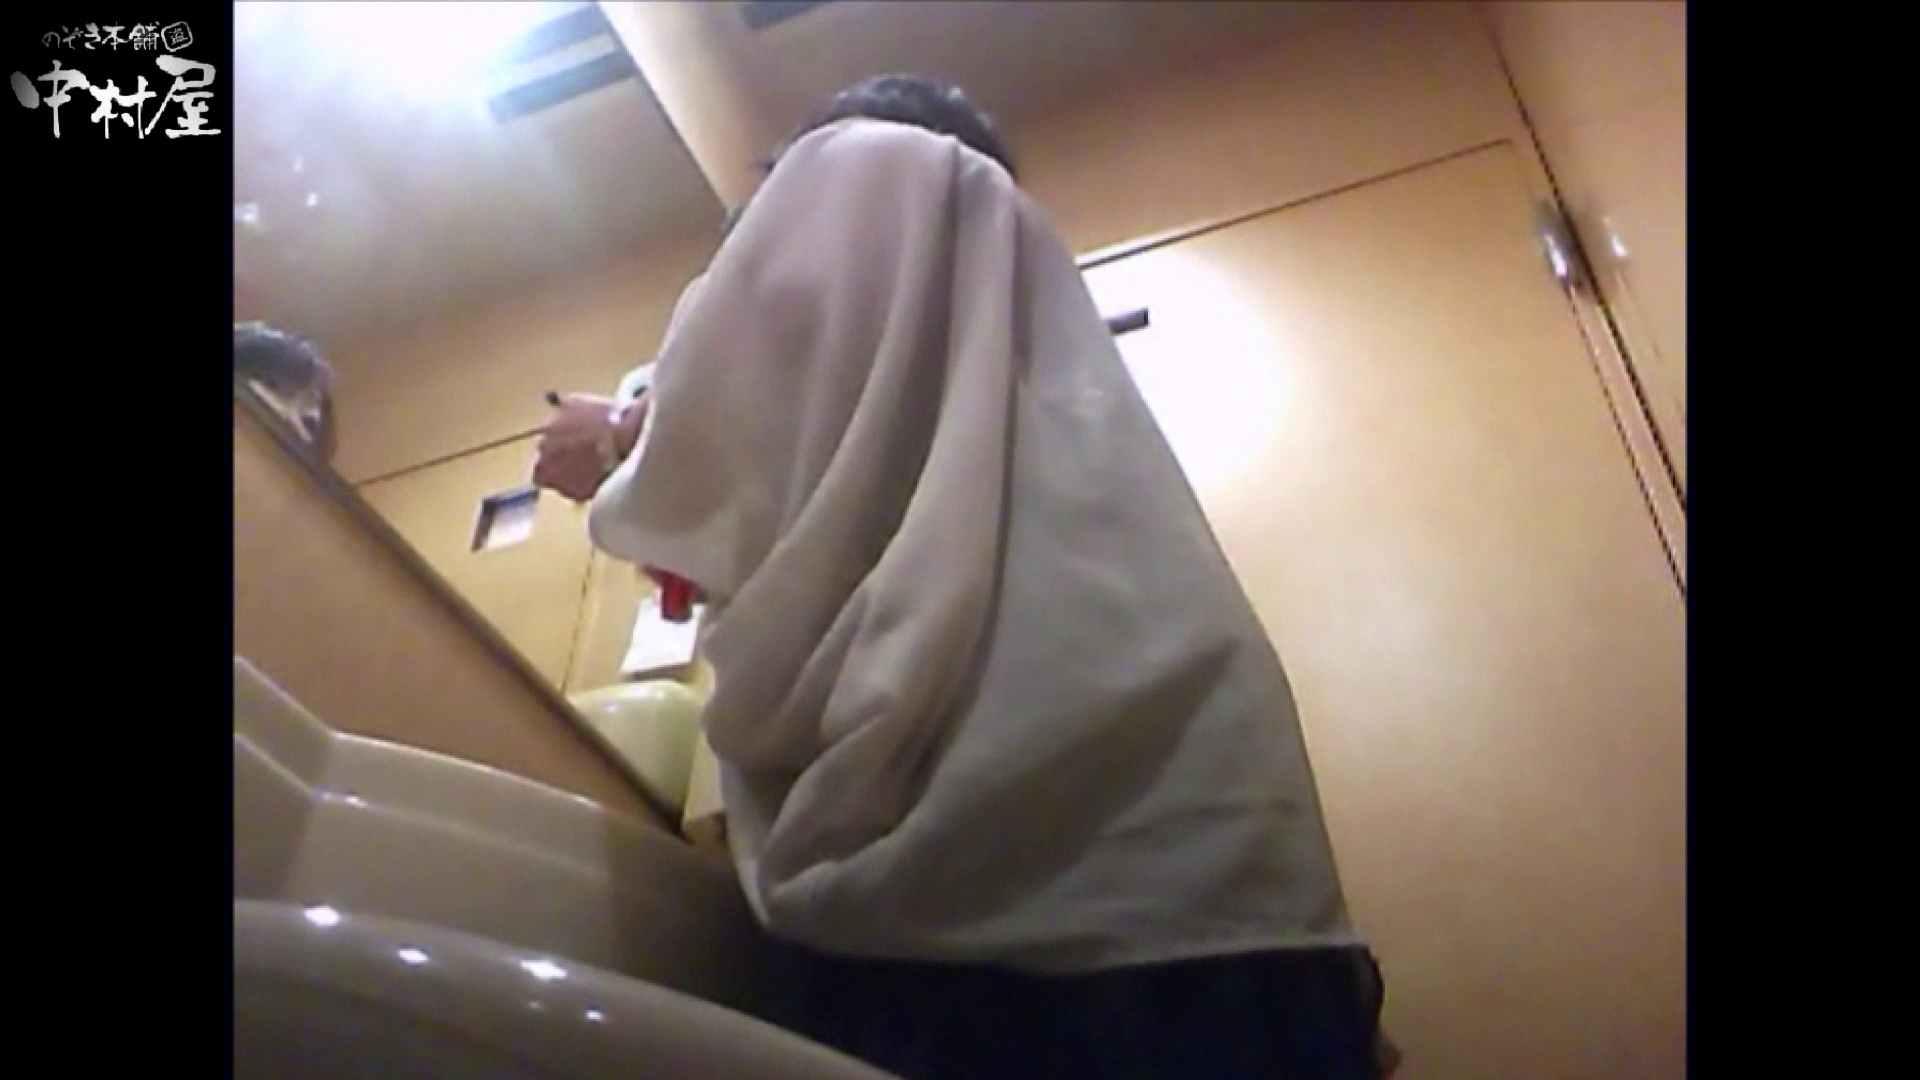 突撃!女子化粧室の真実vol.58後編 盗撮 | 超エロお姉さん  53枚 37